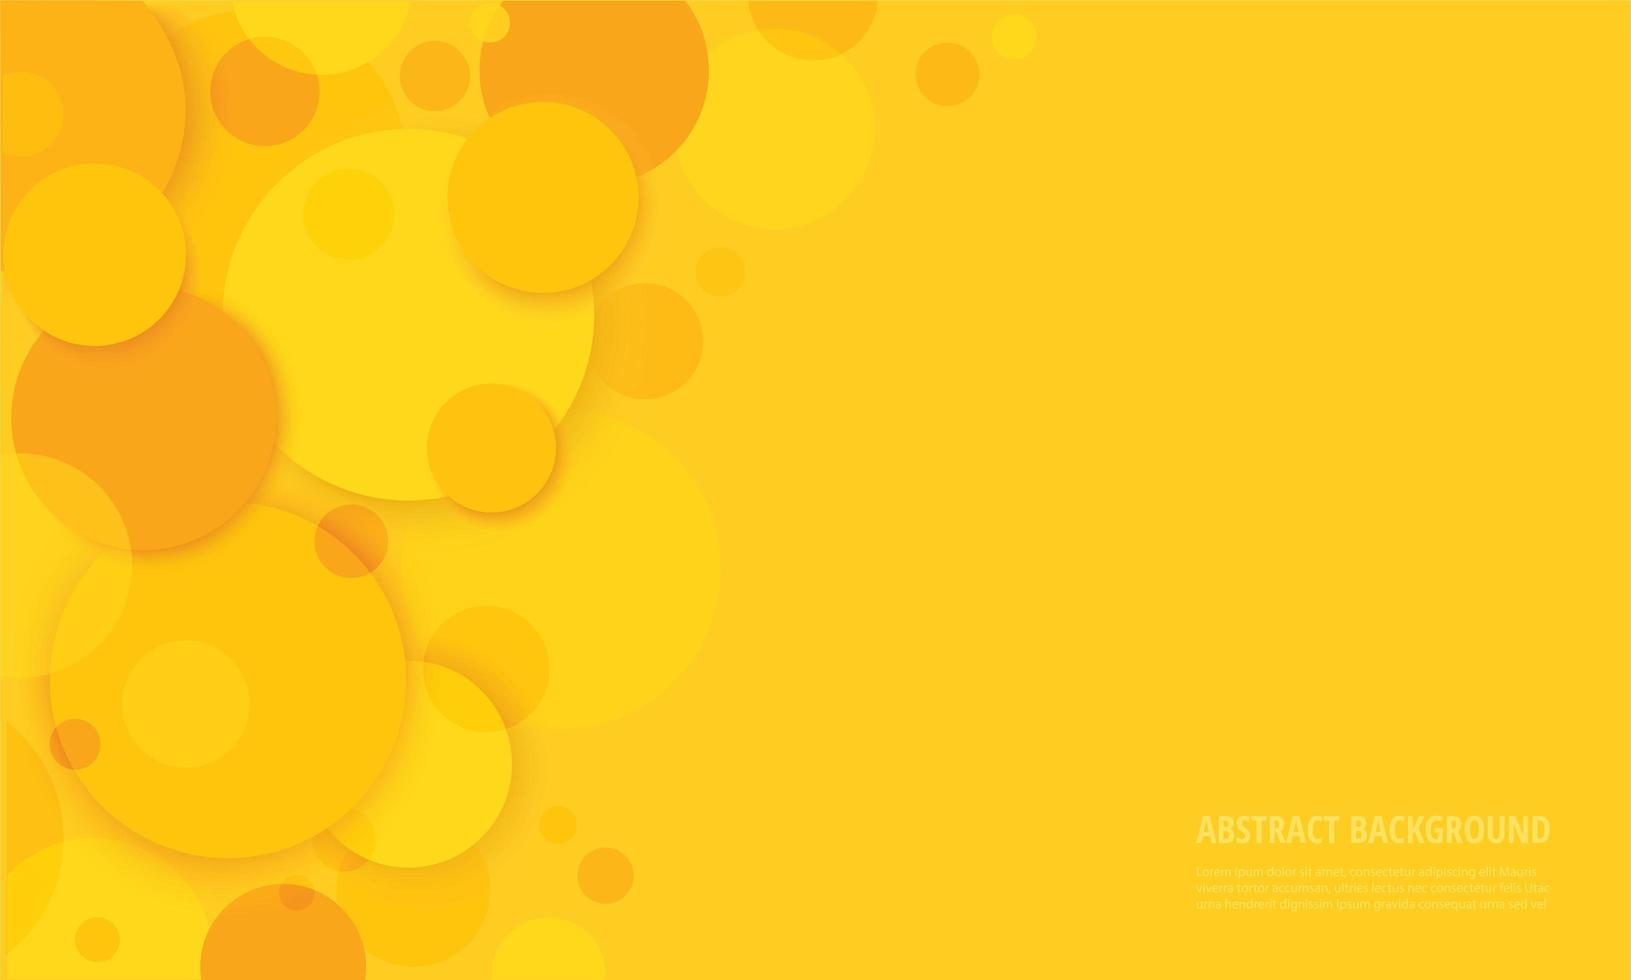 cerchi astratti sfondo giallo vettore